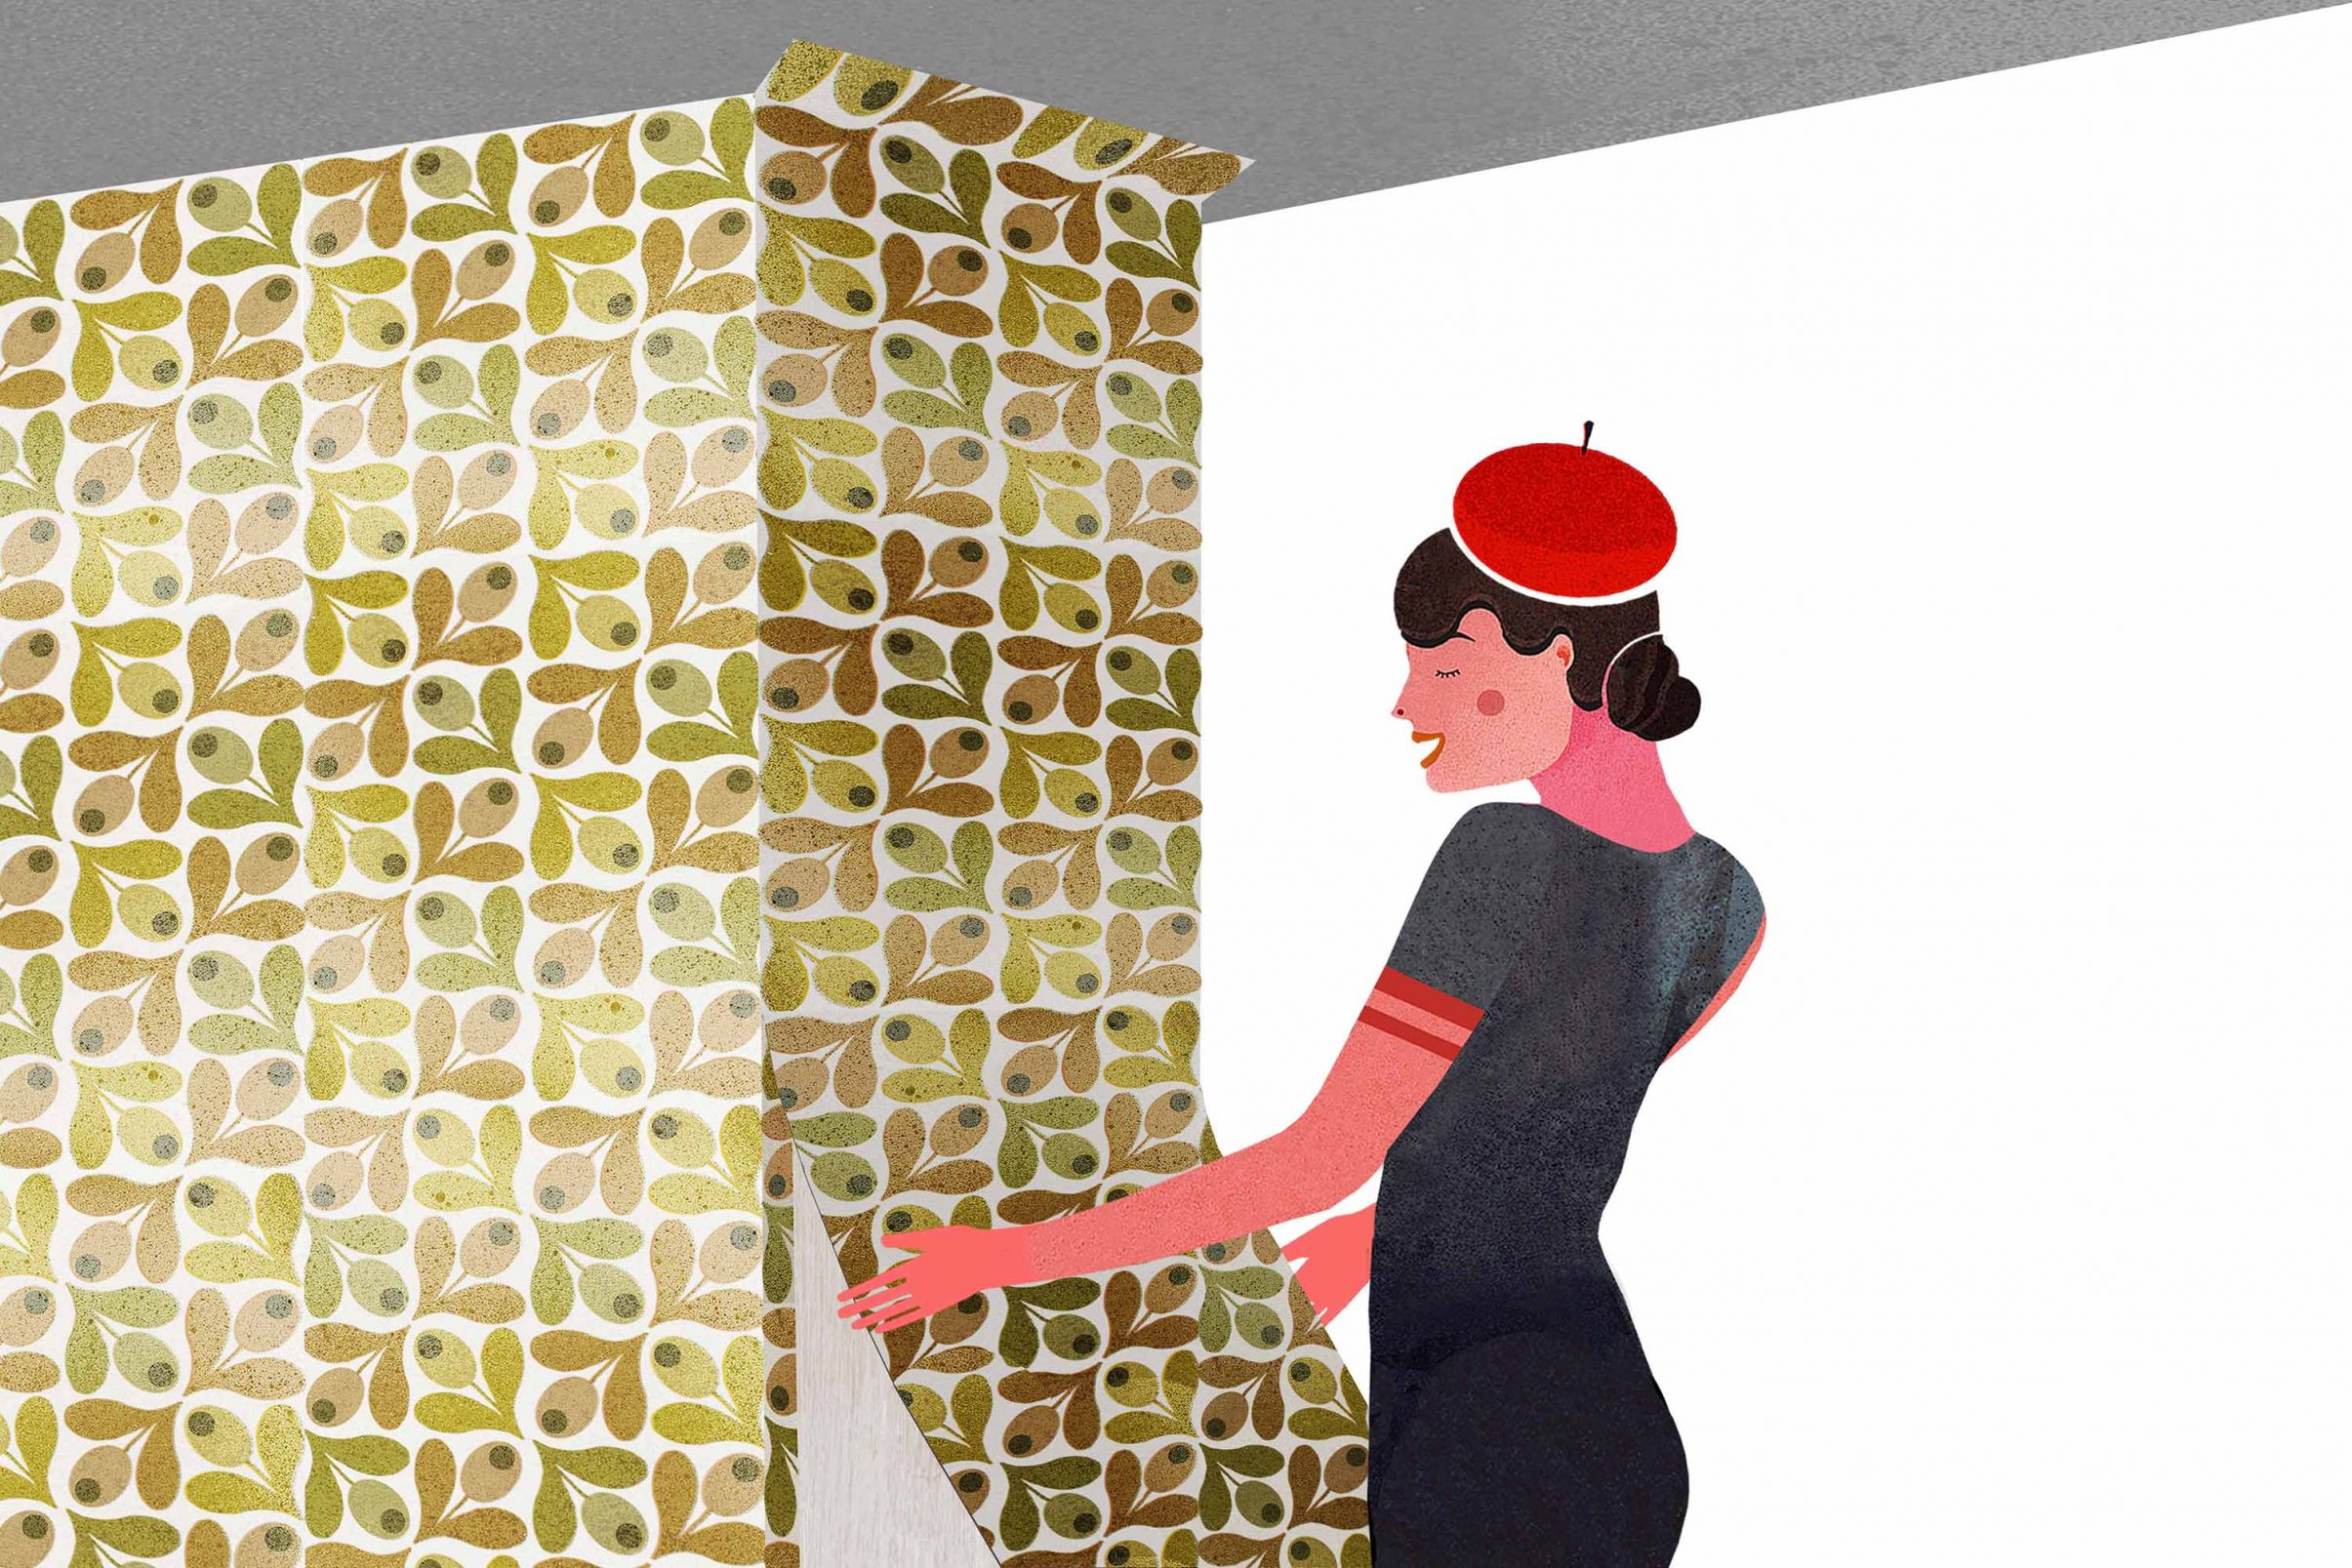 Comment-tapisser-dans-les-coins-Poser-un-le-de-papier-peint-sur-un-coin-exterieur